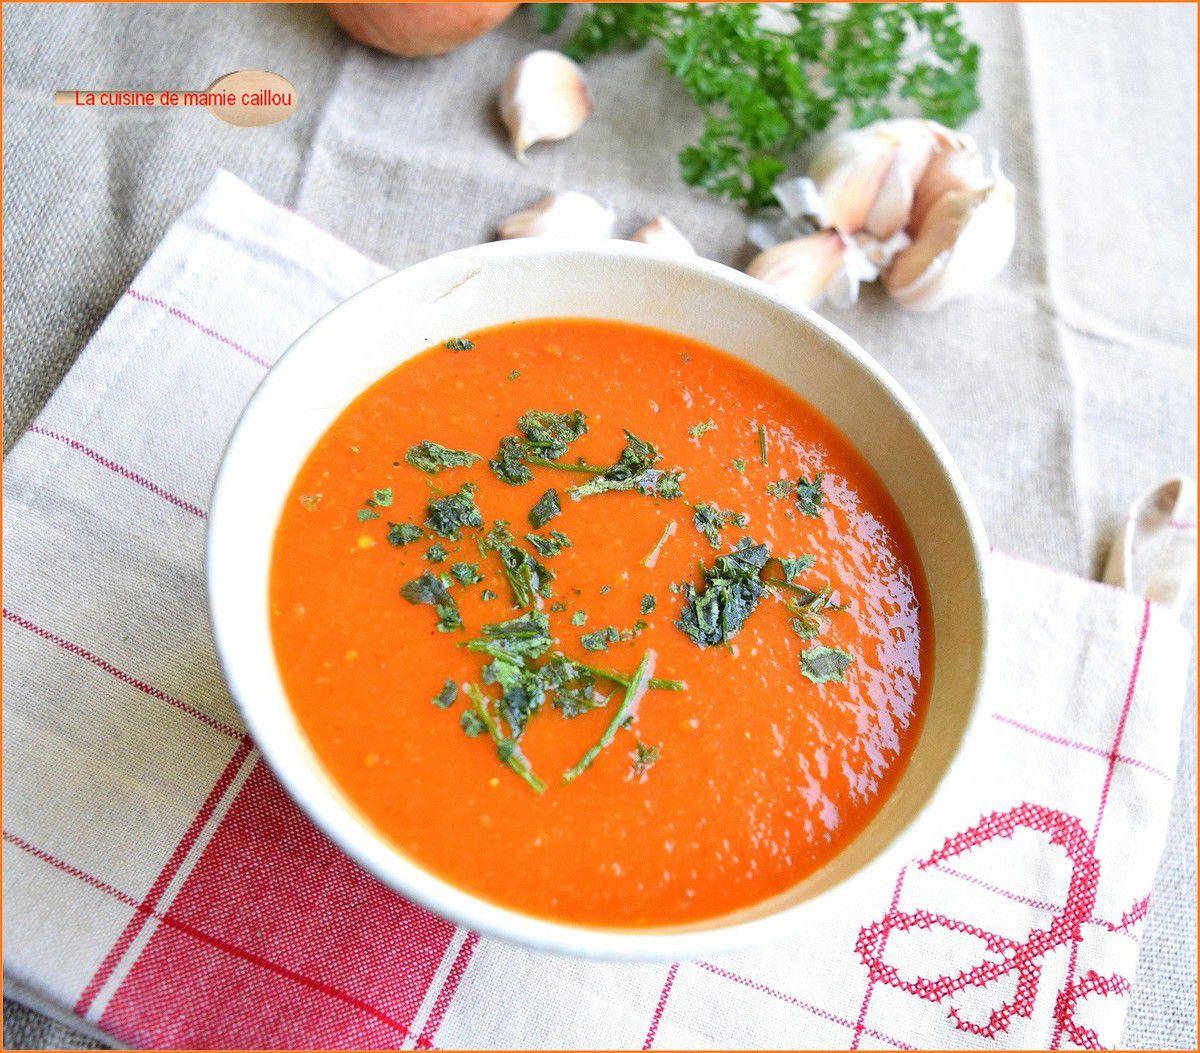 Une soupe à la tomate...comment dire ?...The Tomato soup !